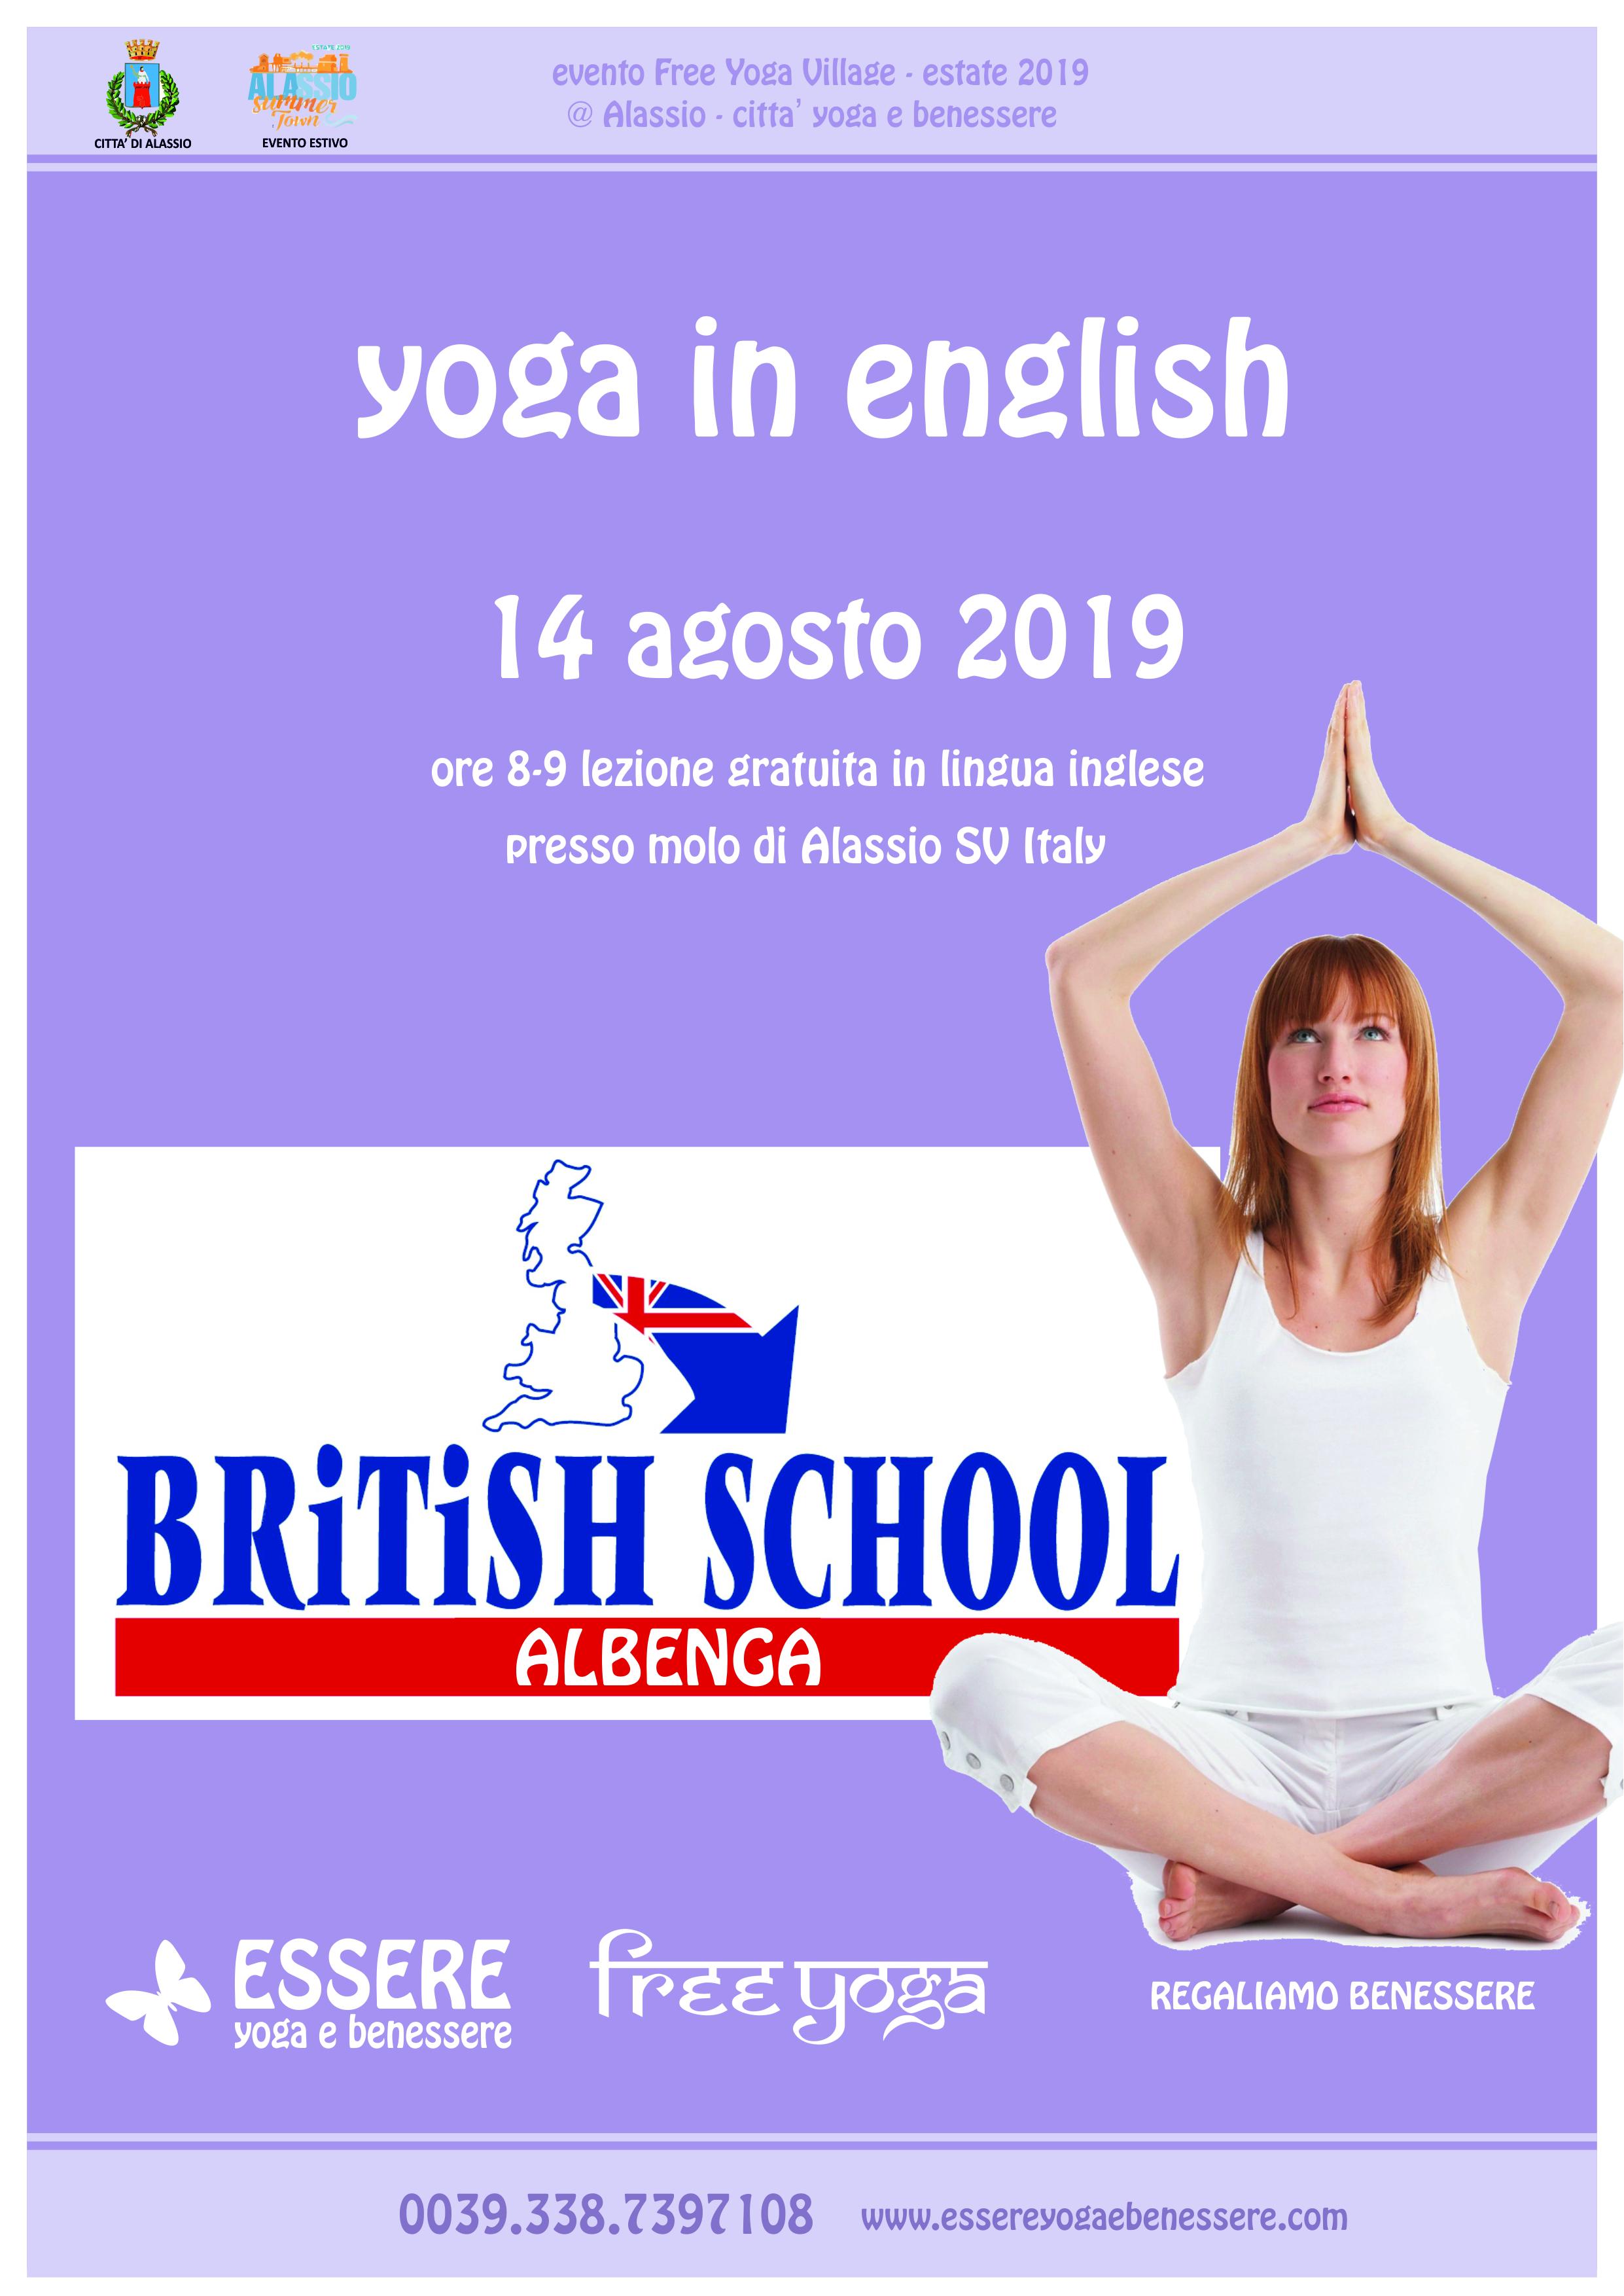 british-school-english-essere-free-yoga-gratuito-benessere-per-tutti-village-citta-alassio-albenga-estate-lucia-ragazzi-lingua-inglese-scuola-summer-town-wellness